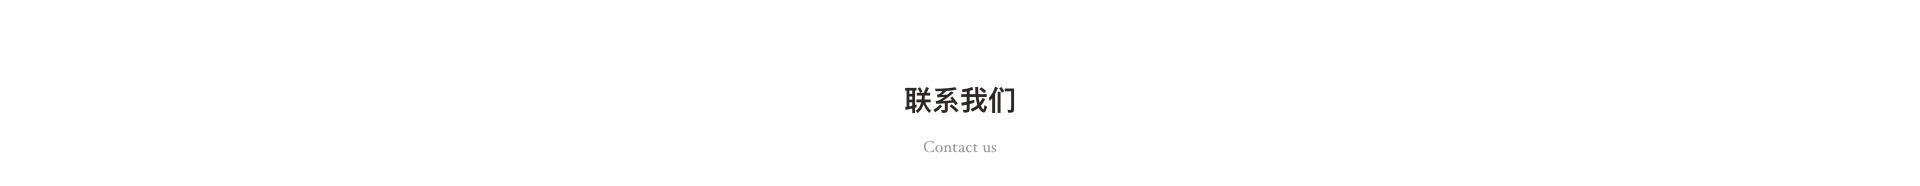 Company pc 15